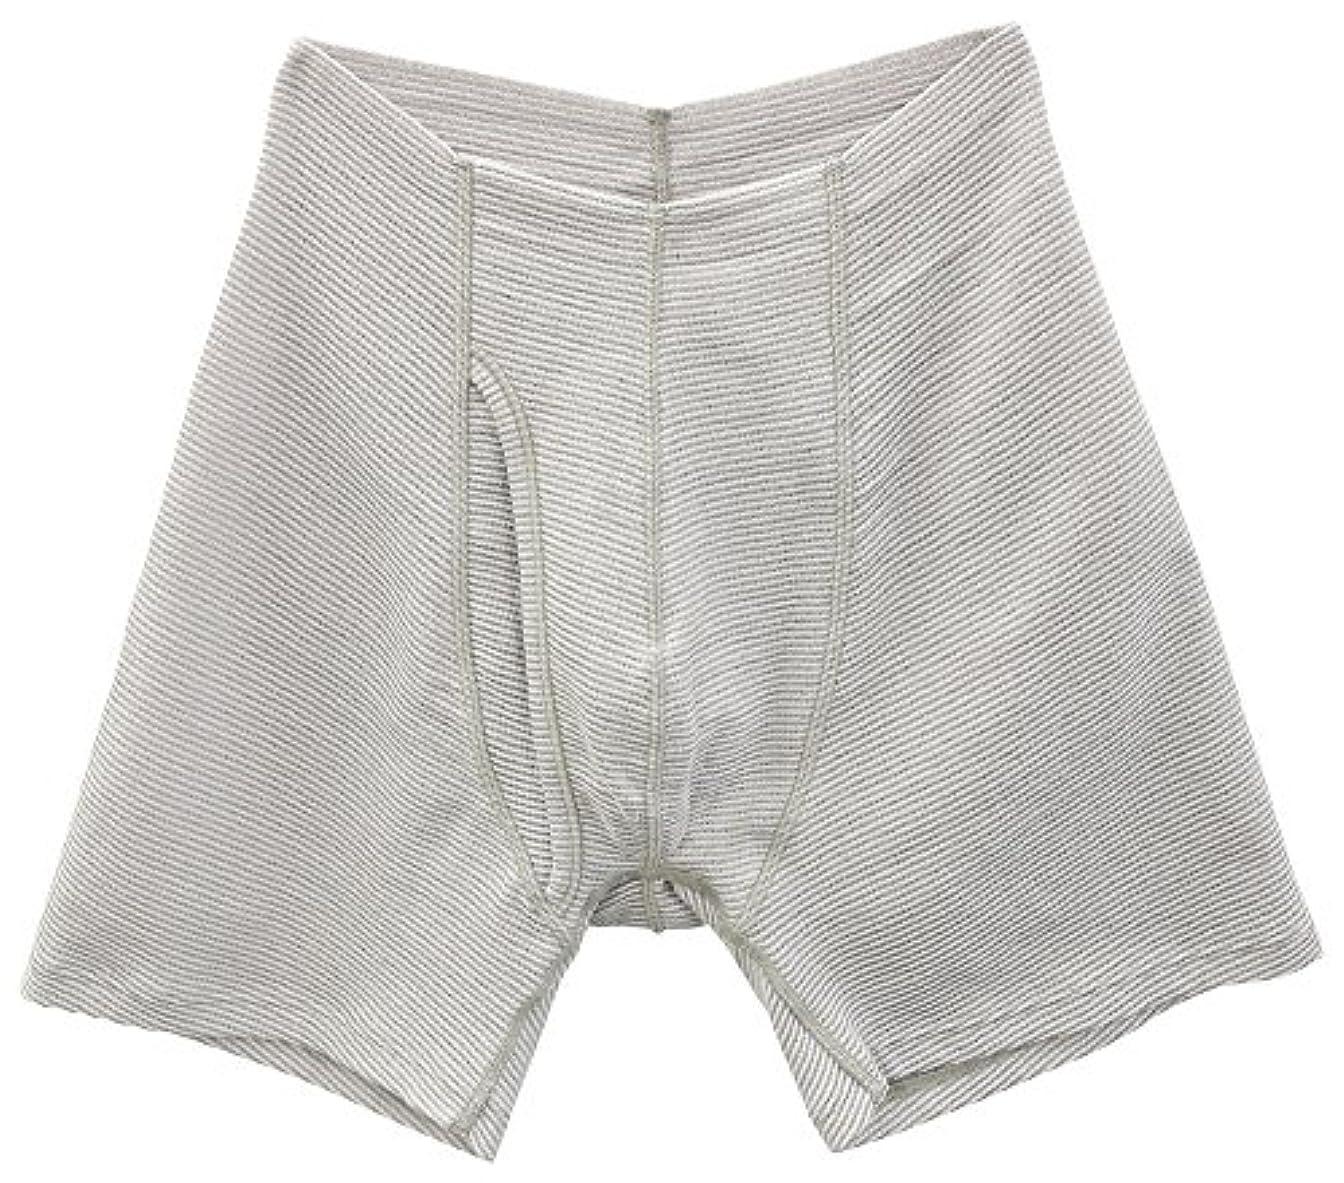 ピンポイント自動回復するSIDO(シドー) 包帯パンツ 前開きゴムなしパンツ 冷涼タイプ ライトグレー LL(94~104cm) 1063